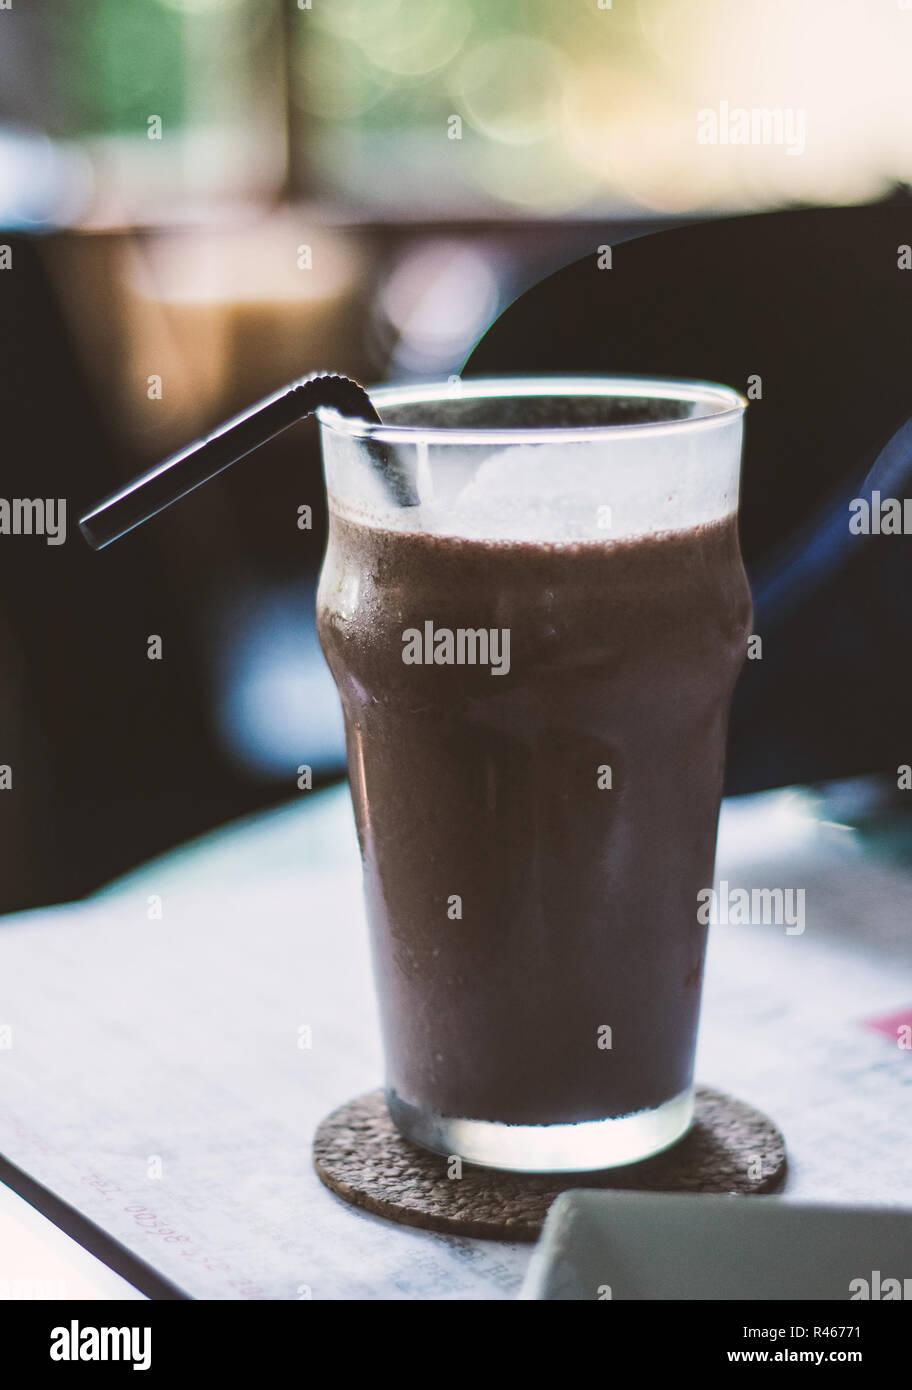 Lecker aussehenden Schokolade Milchshake in einem durchsichtigen Glas Stockbild